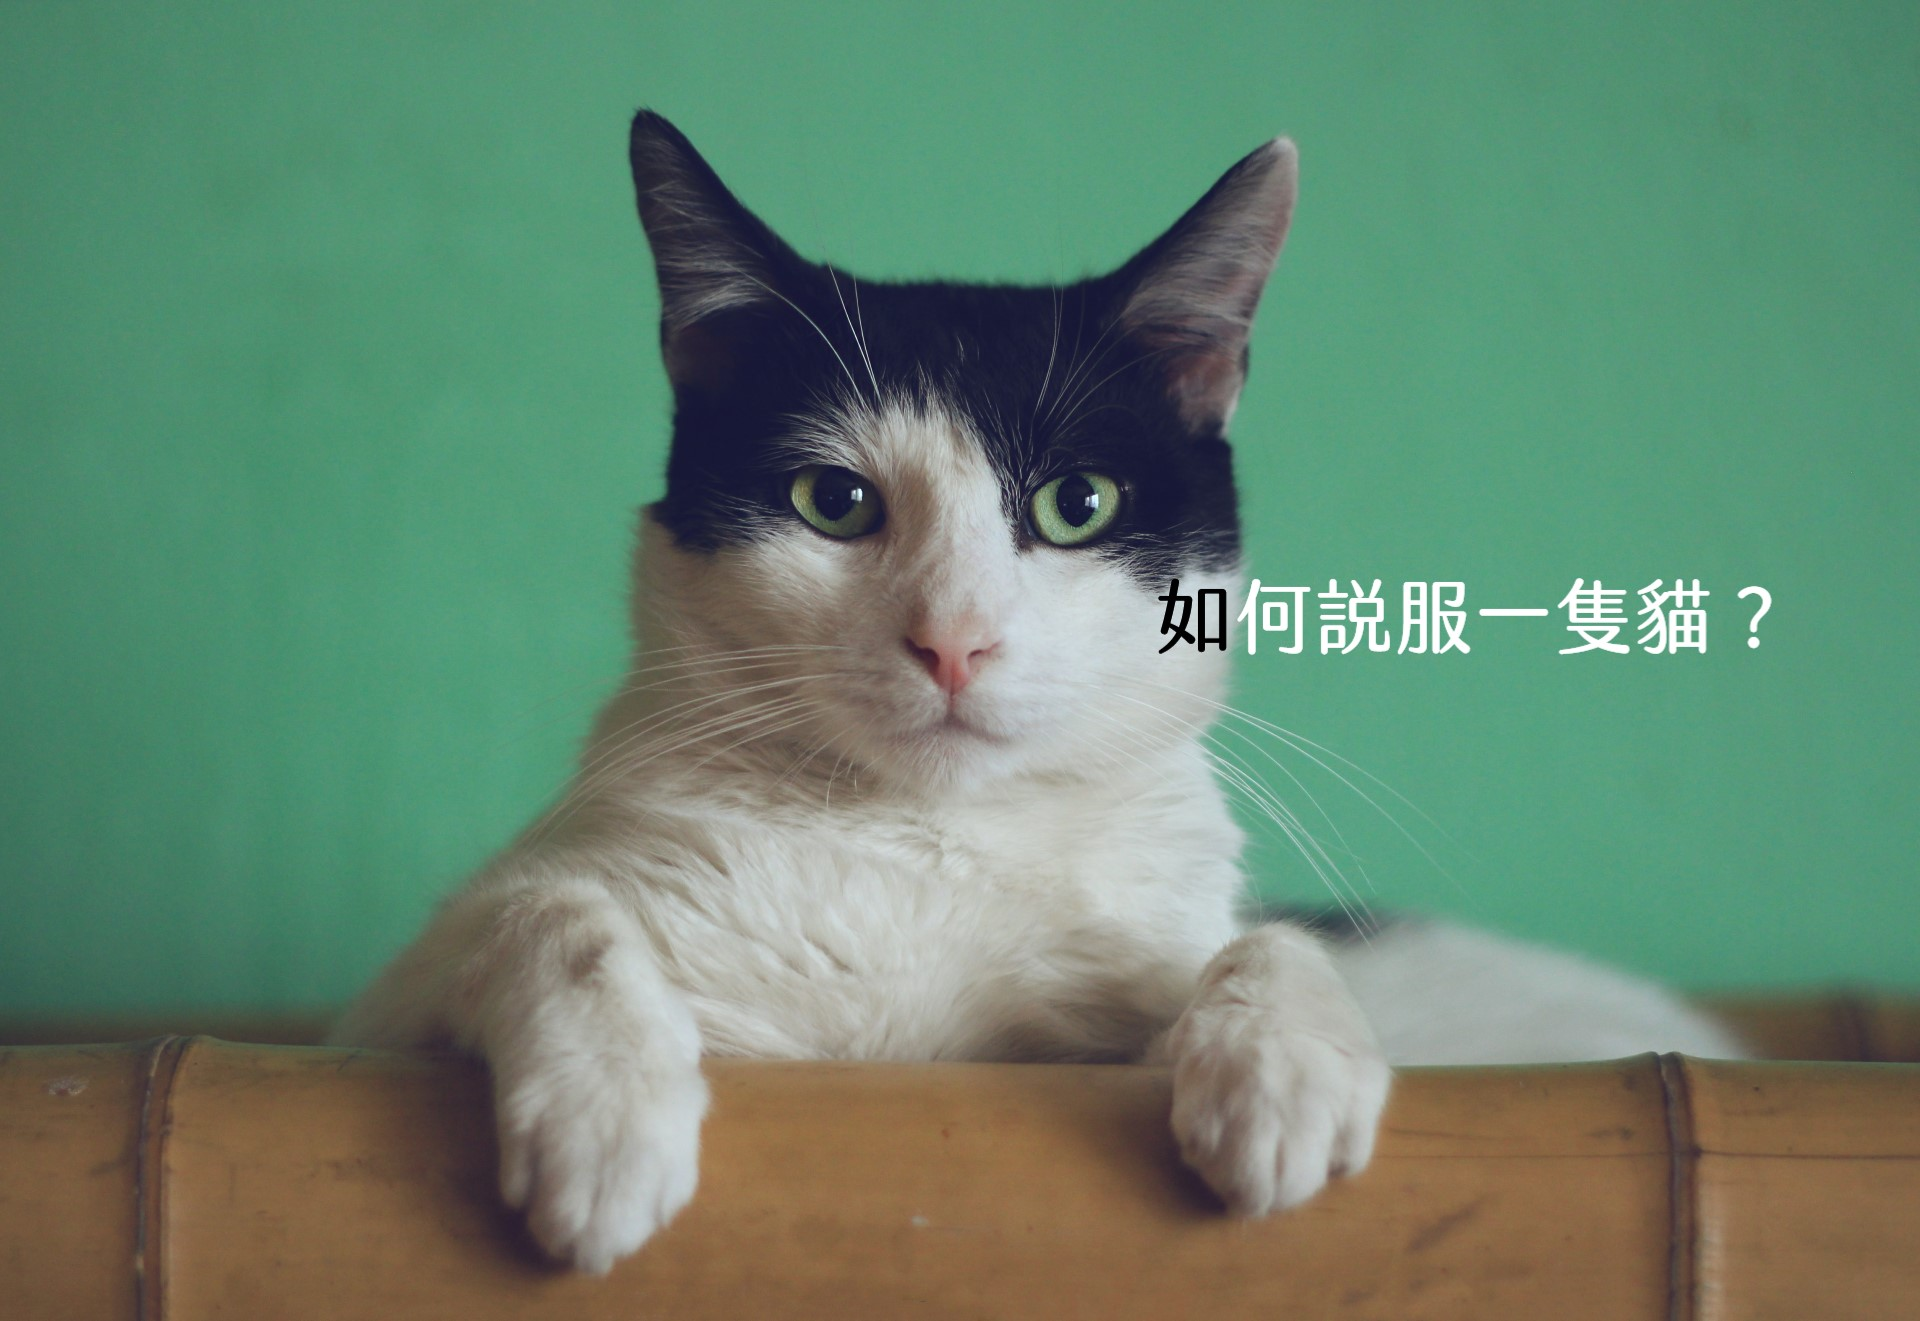 【嘉鴻筆記】如何說服一隻貓? 4